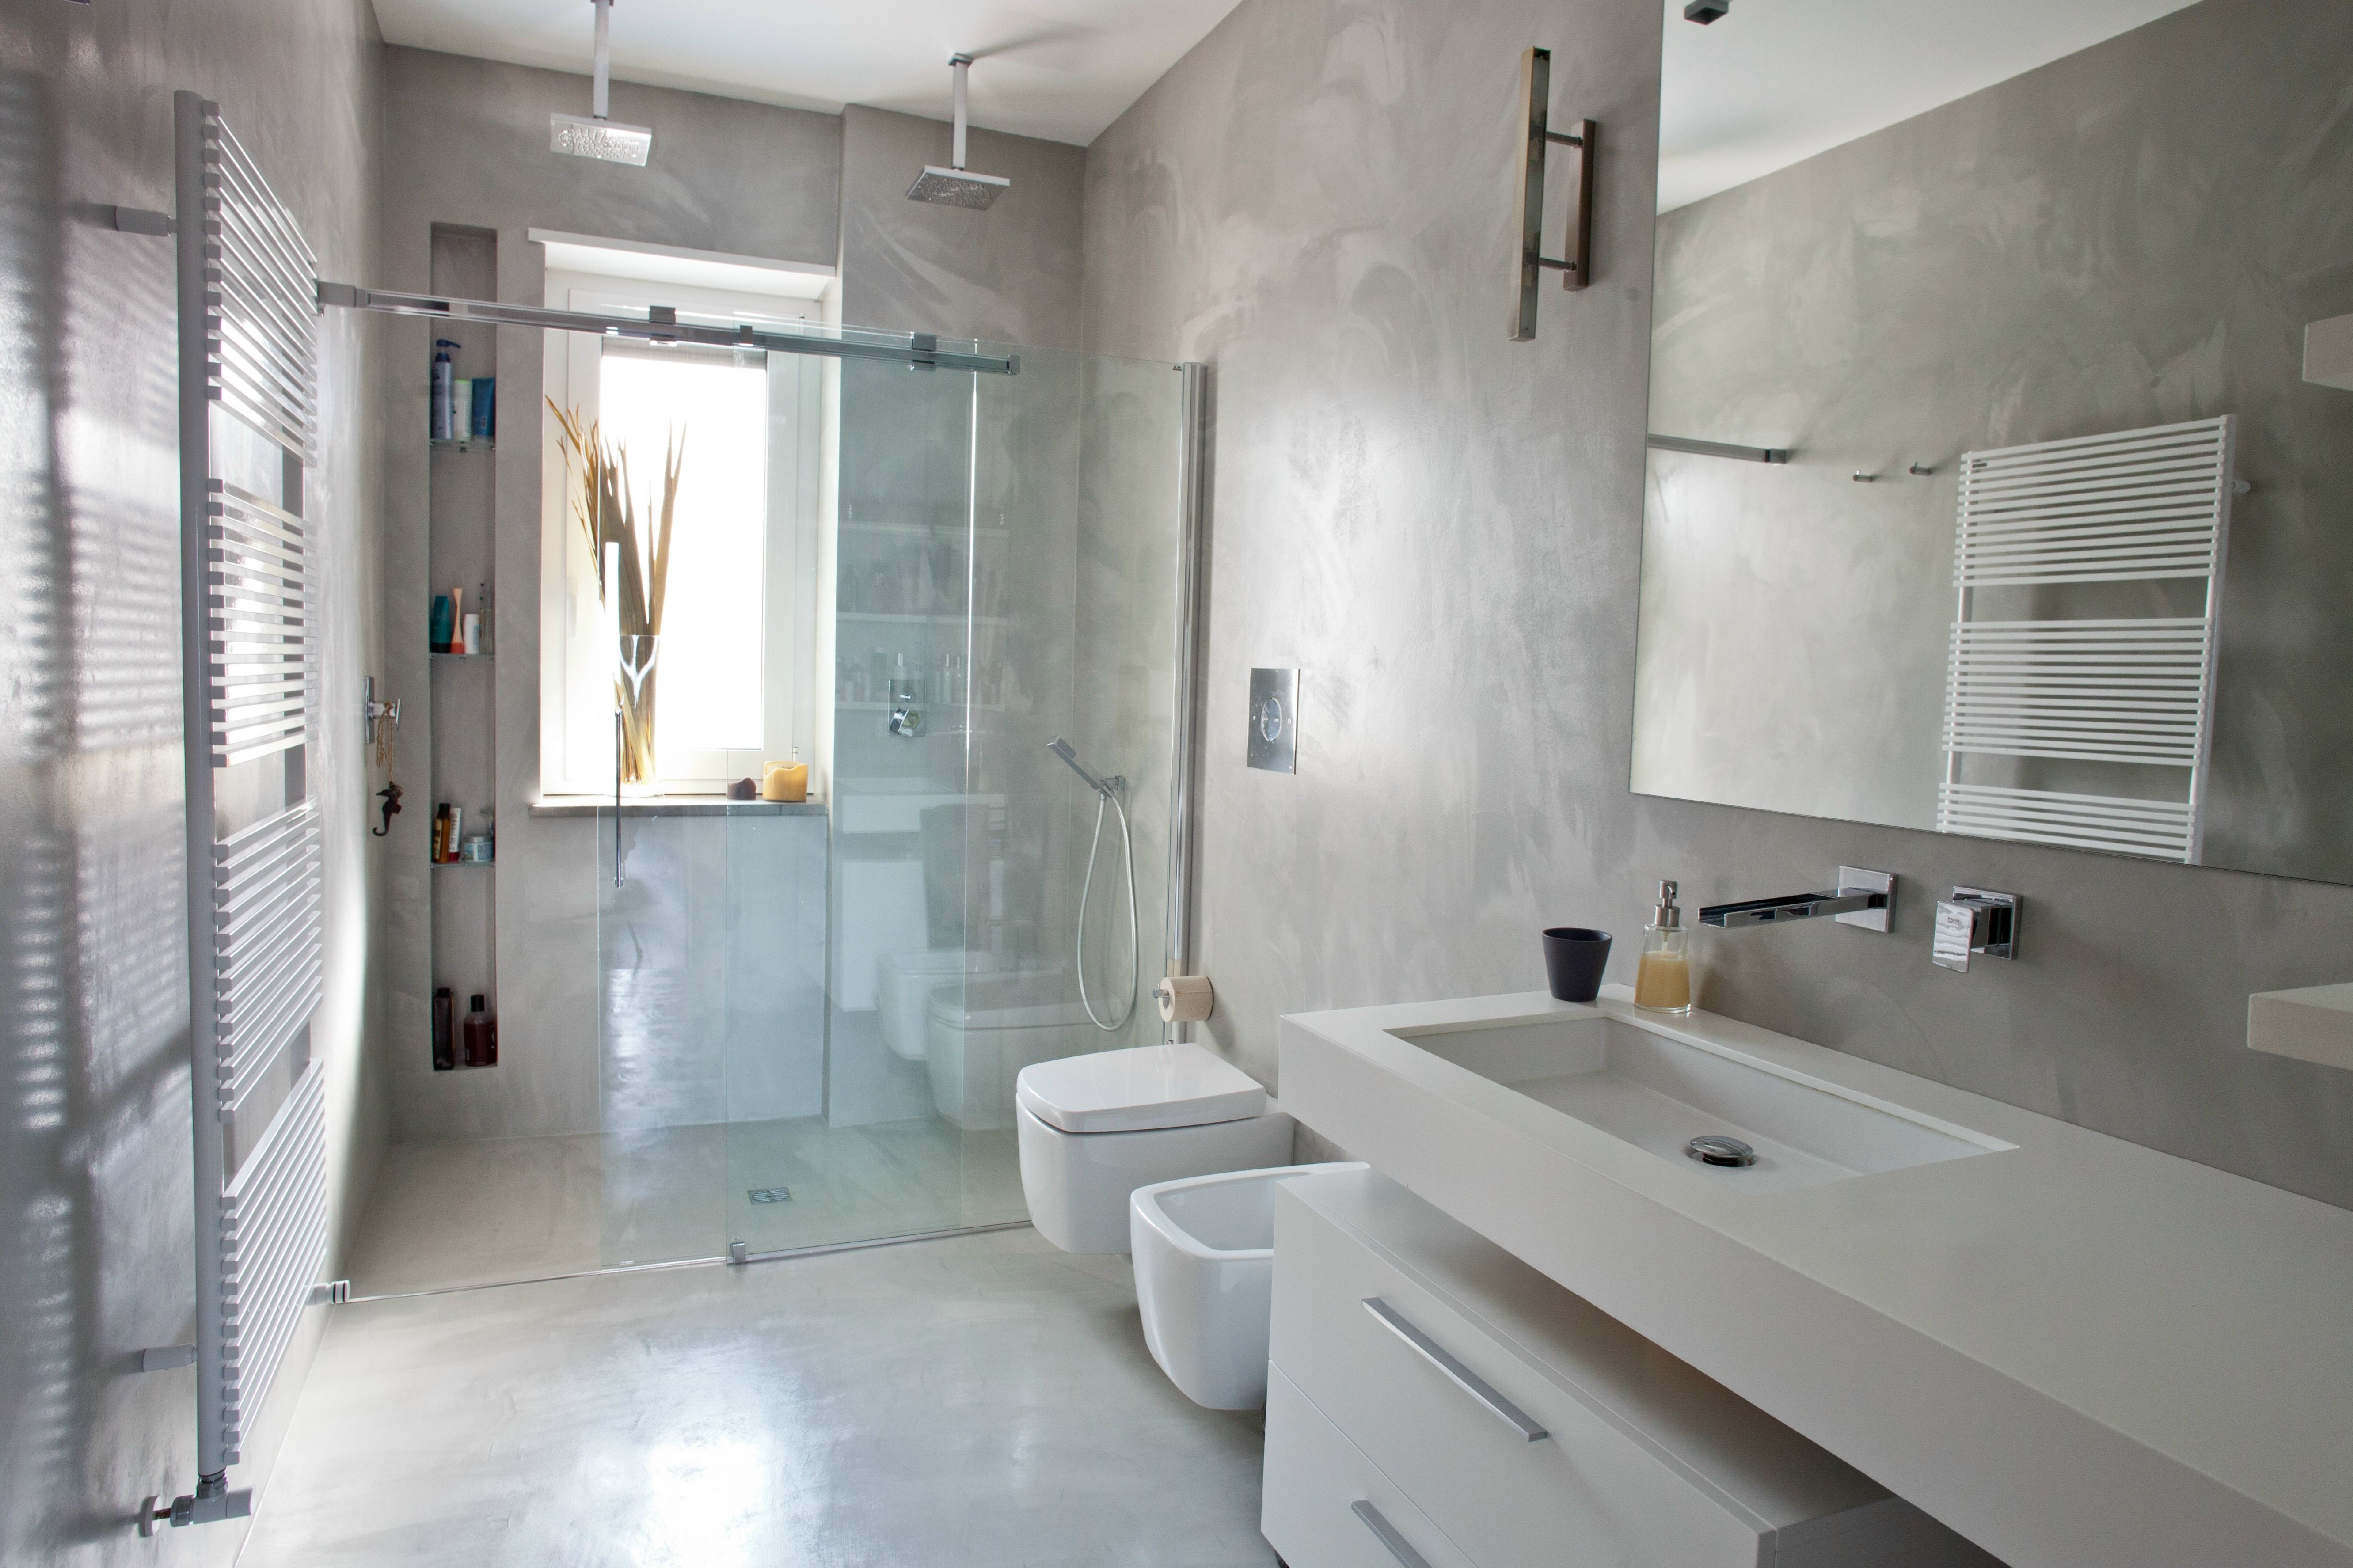 Bagno pavimento e pareti in resina doccia sotto la finestra suits pinterest bathroom - Pareti doccia in resina ...